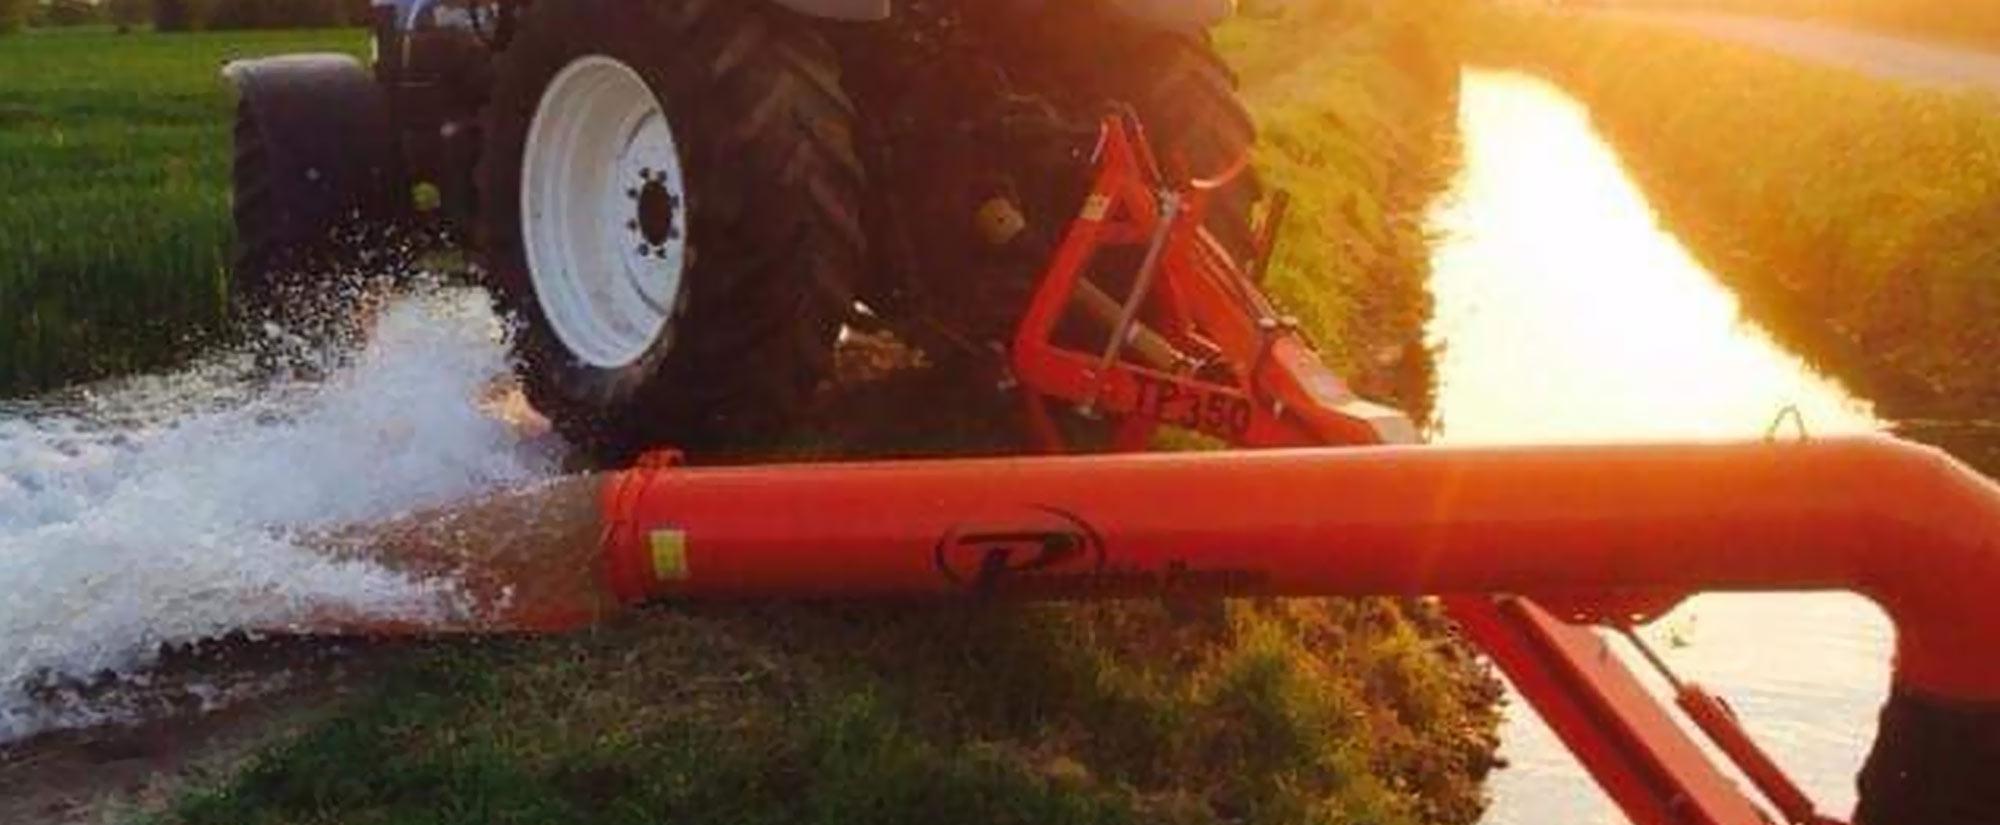 pompe mobili Pennacchio per irrigazione diretta delle colture e la bonifica di terreni